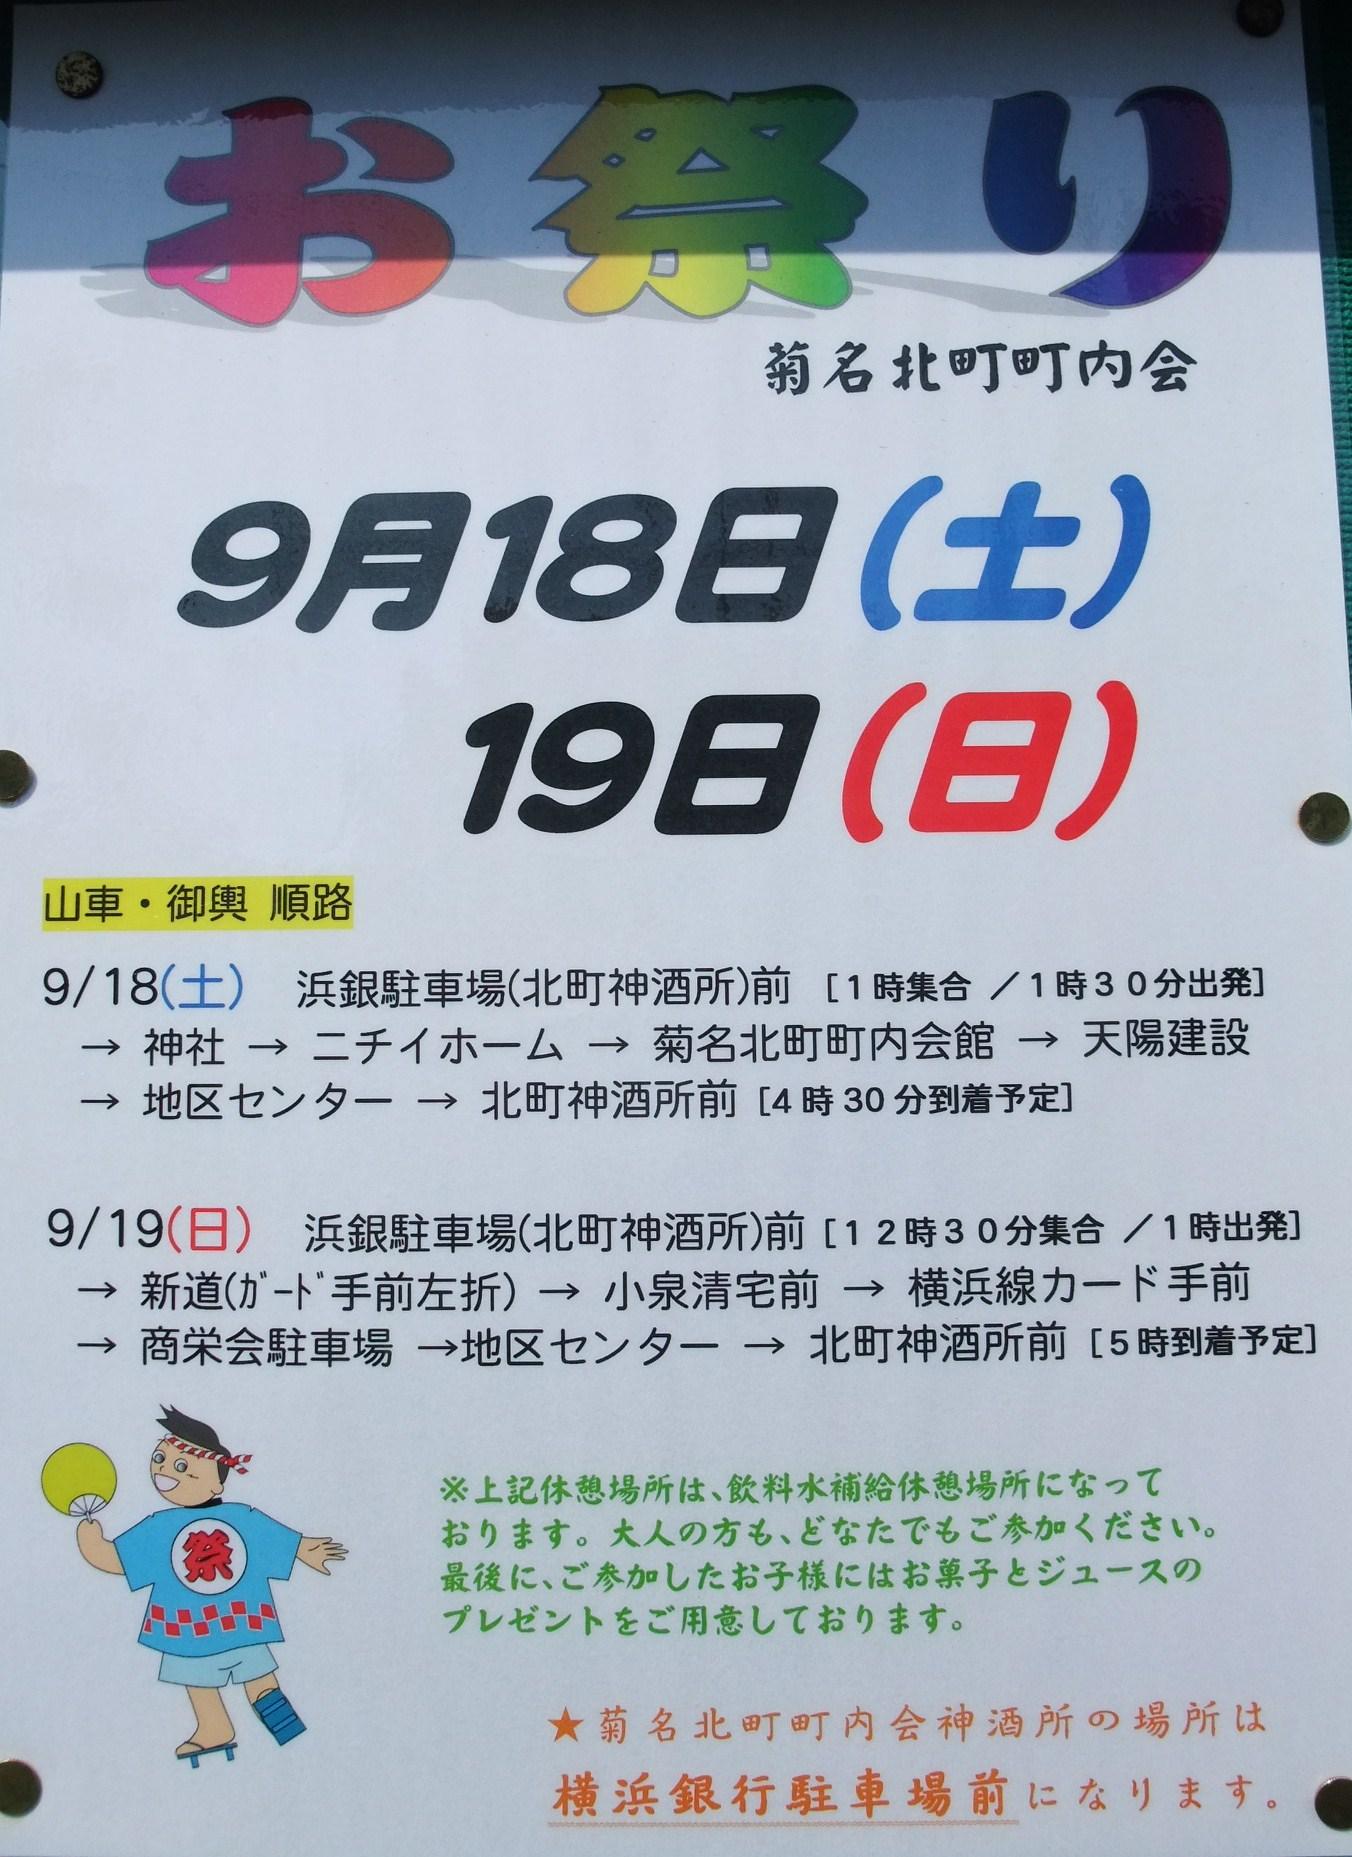 菊名神社お祭り情報 【2010年 菊名神社例大祭】_e0146912_188204.jpg